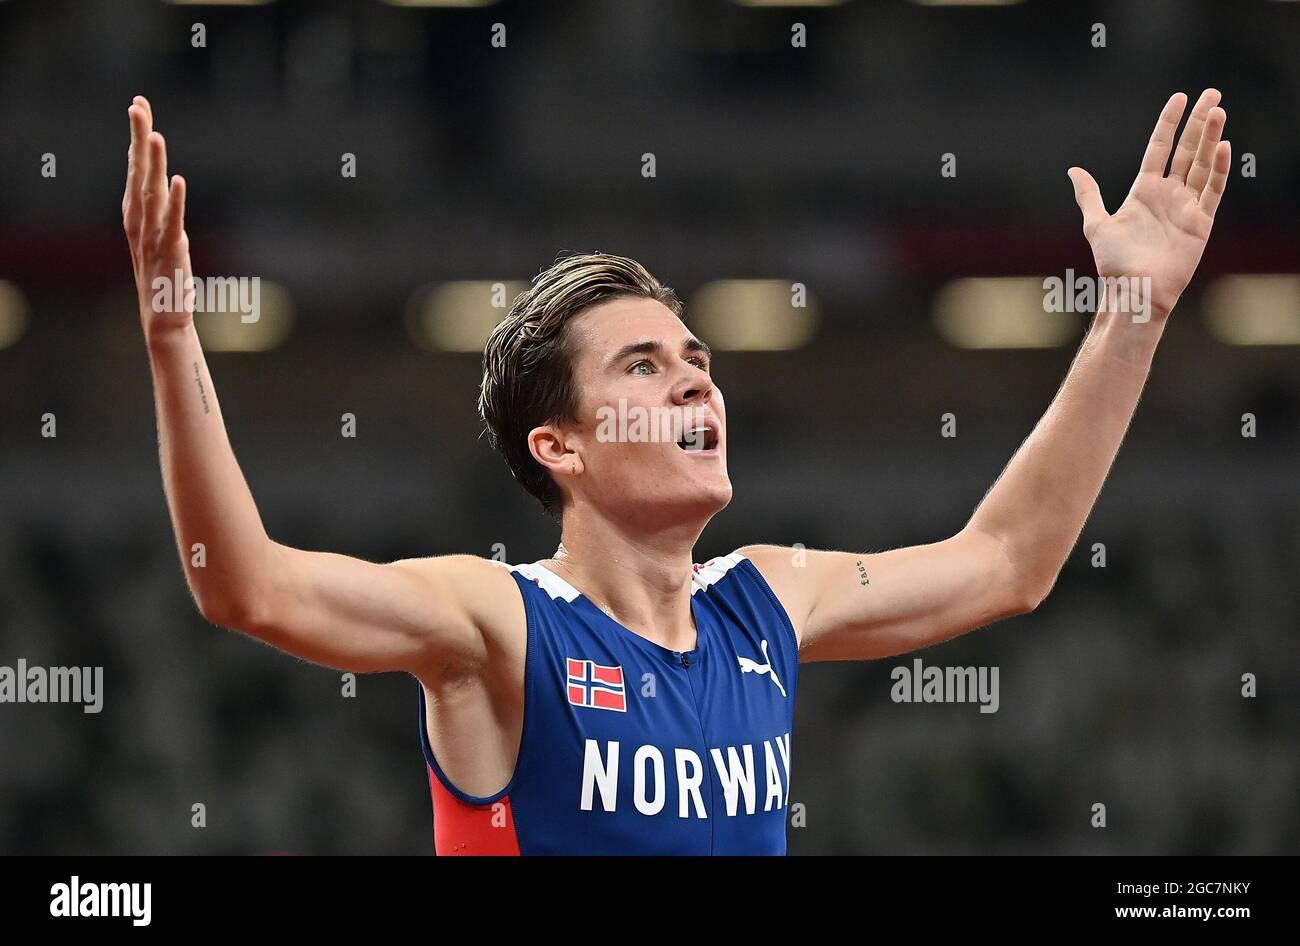 Tokyo, Giappone. 7 agosto 2021. Jakob Ingebrigtsen di Norvegia festeggia dopo aver vinto la finale maschile di 1500m ai Giochi Olimpici di Tokyo 2020, a Tokyo, Giappone, il 7 agosto 2021. Credit: Jia Yuchen/Xinhua/Alamy Live News Foto Stock